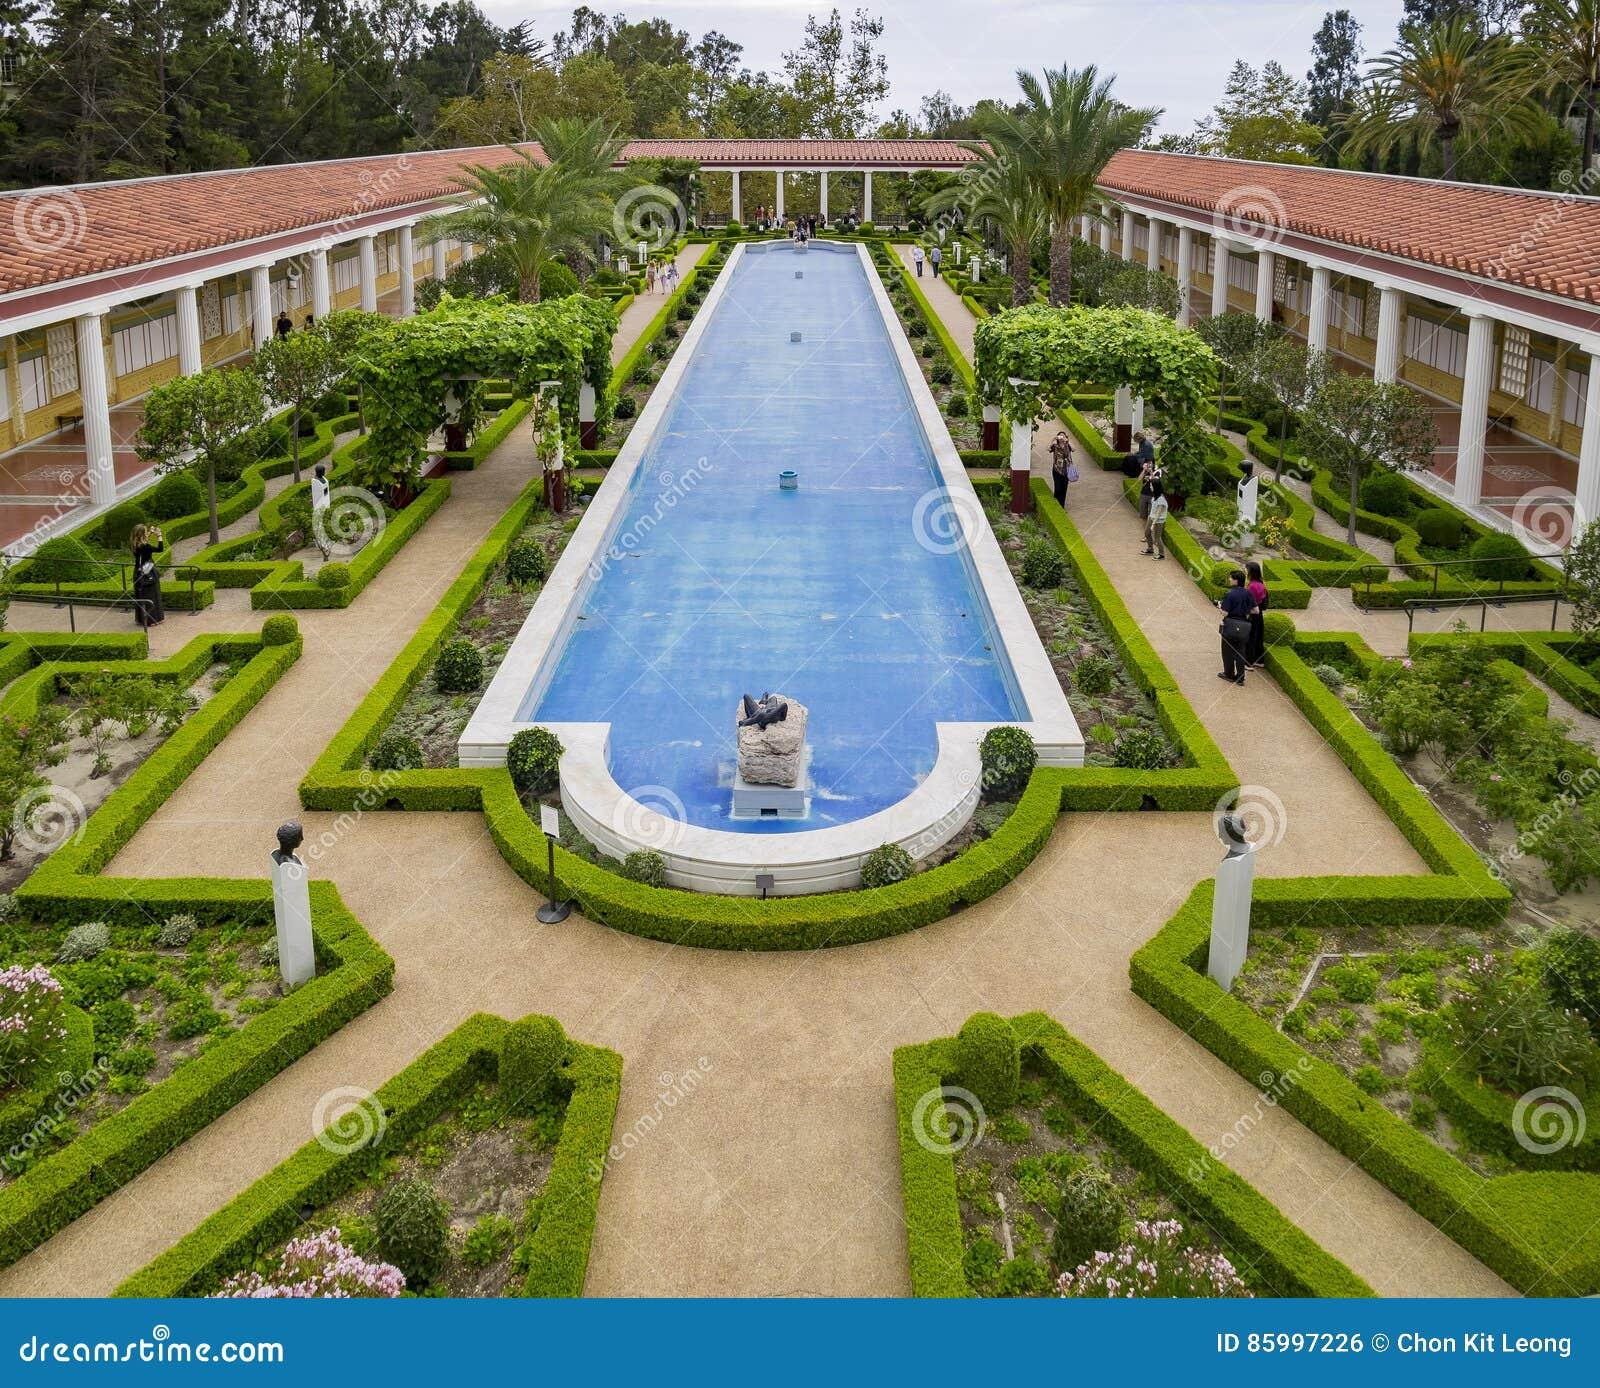 The beautiful Getty Villa